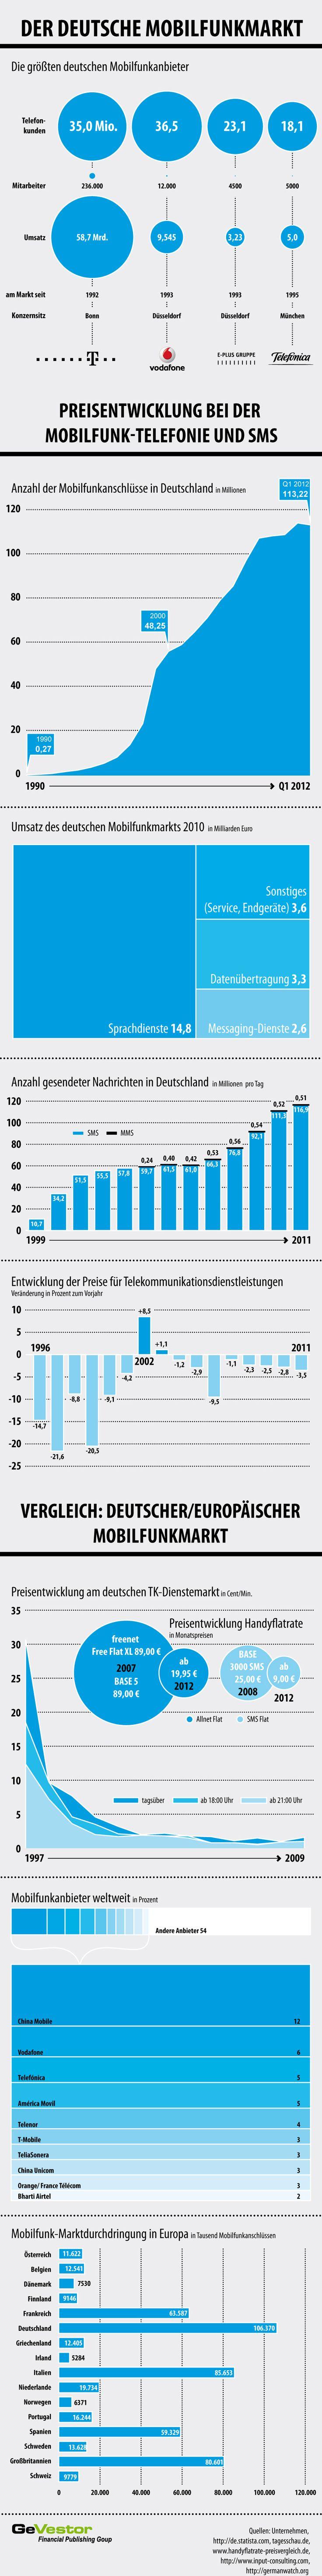 """In Deutschland kämpfen seit Jahren Telekommunikationsanbieter um die Kunden. Da ist die """"alte"""" Telekom, das halbwegs junge Vodafone, O2 und E-Plus. Doch wer hat mehr Marktanteile und wer die bessere Preispolitik?  Wer macht das Rennen um die besten Tarif-Innovationen und wird am Ende der König der Mobilfunkanbieter? Eine Spurensuche."""